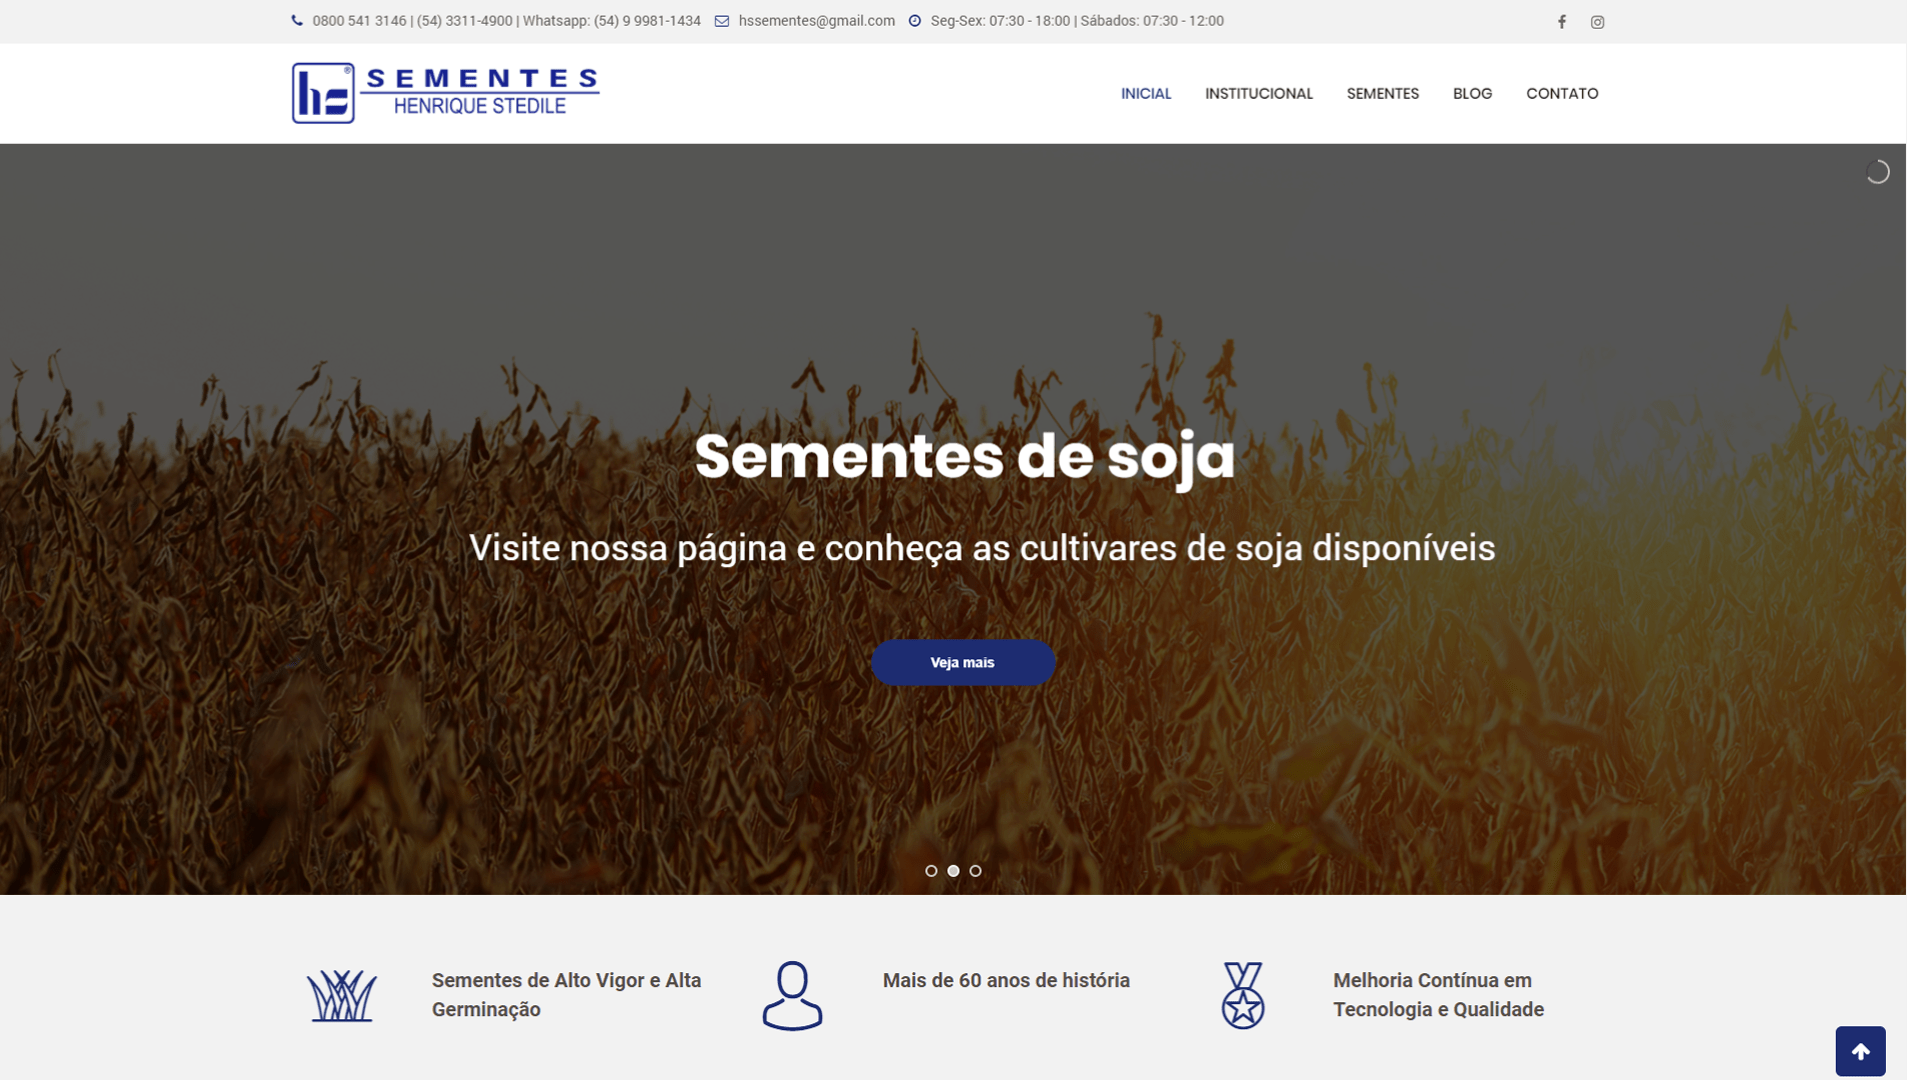 https://www.6i.com.br/case/hs-sementes/